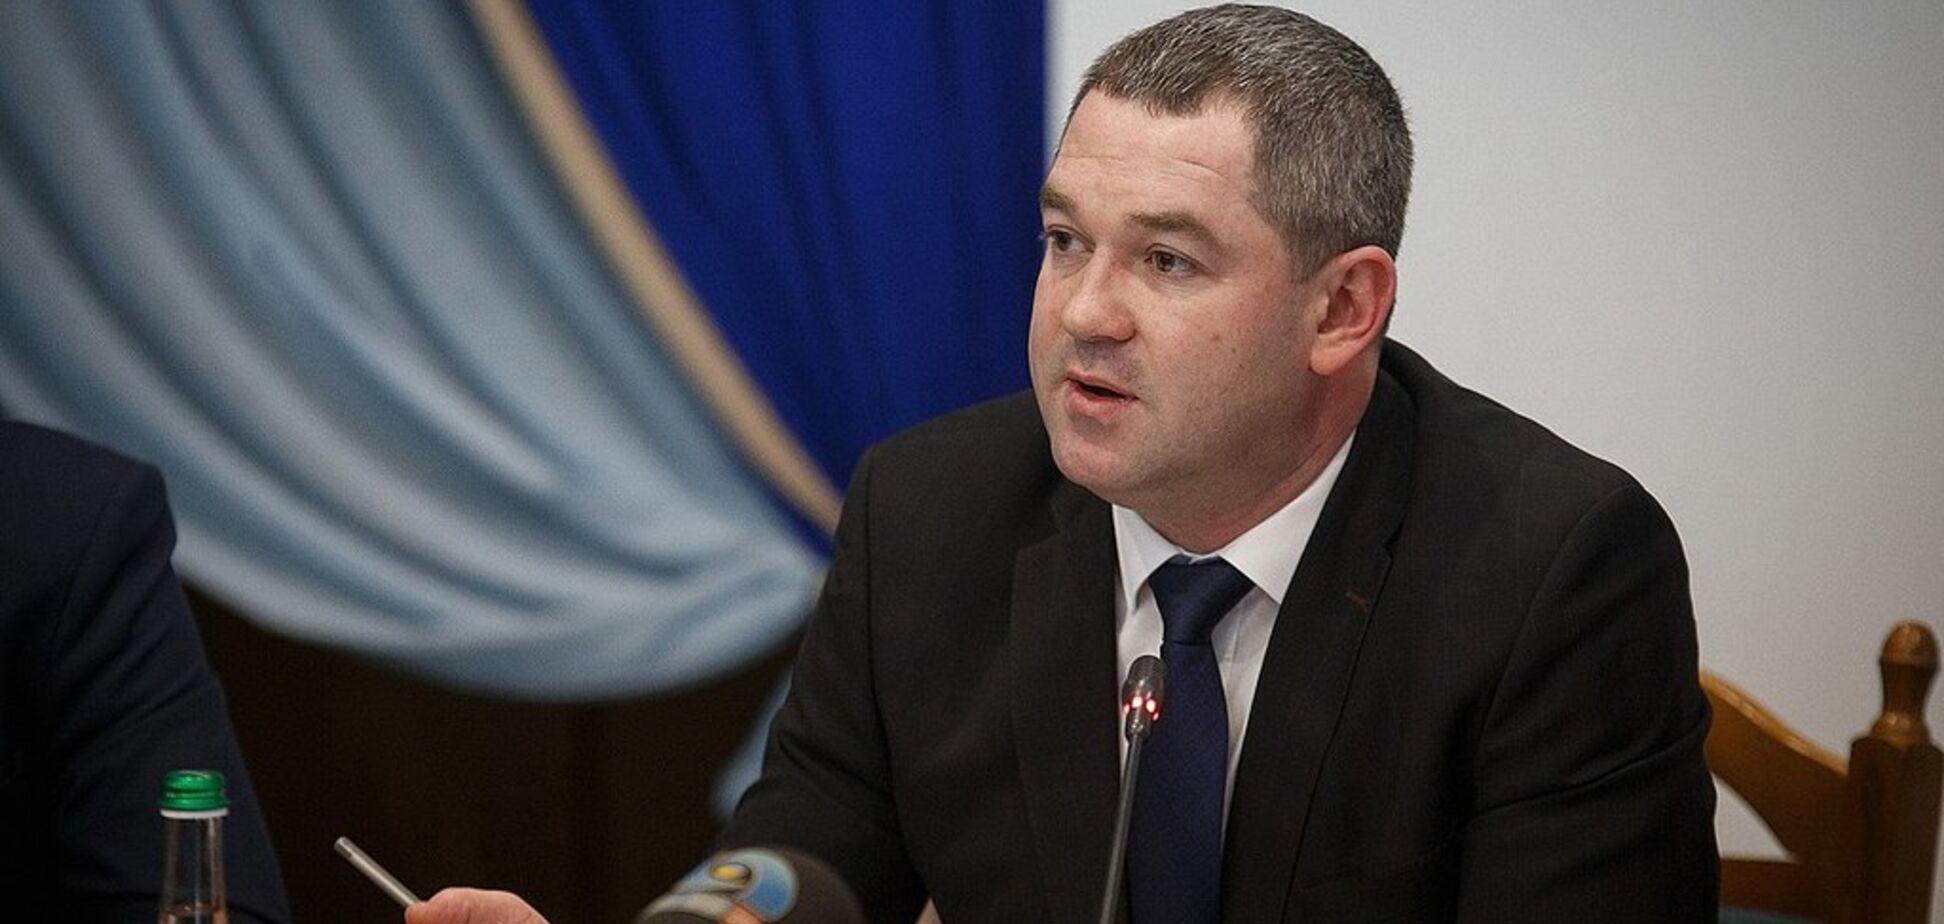 Продан обвинил Луценко и ГПУ в крышевании контрабанды: прокуратура ответила